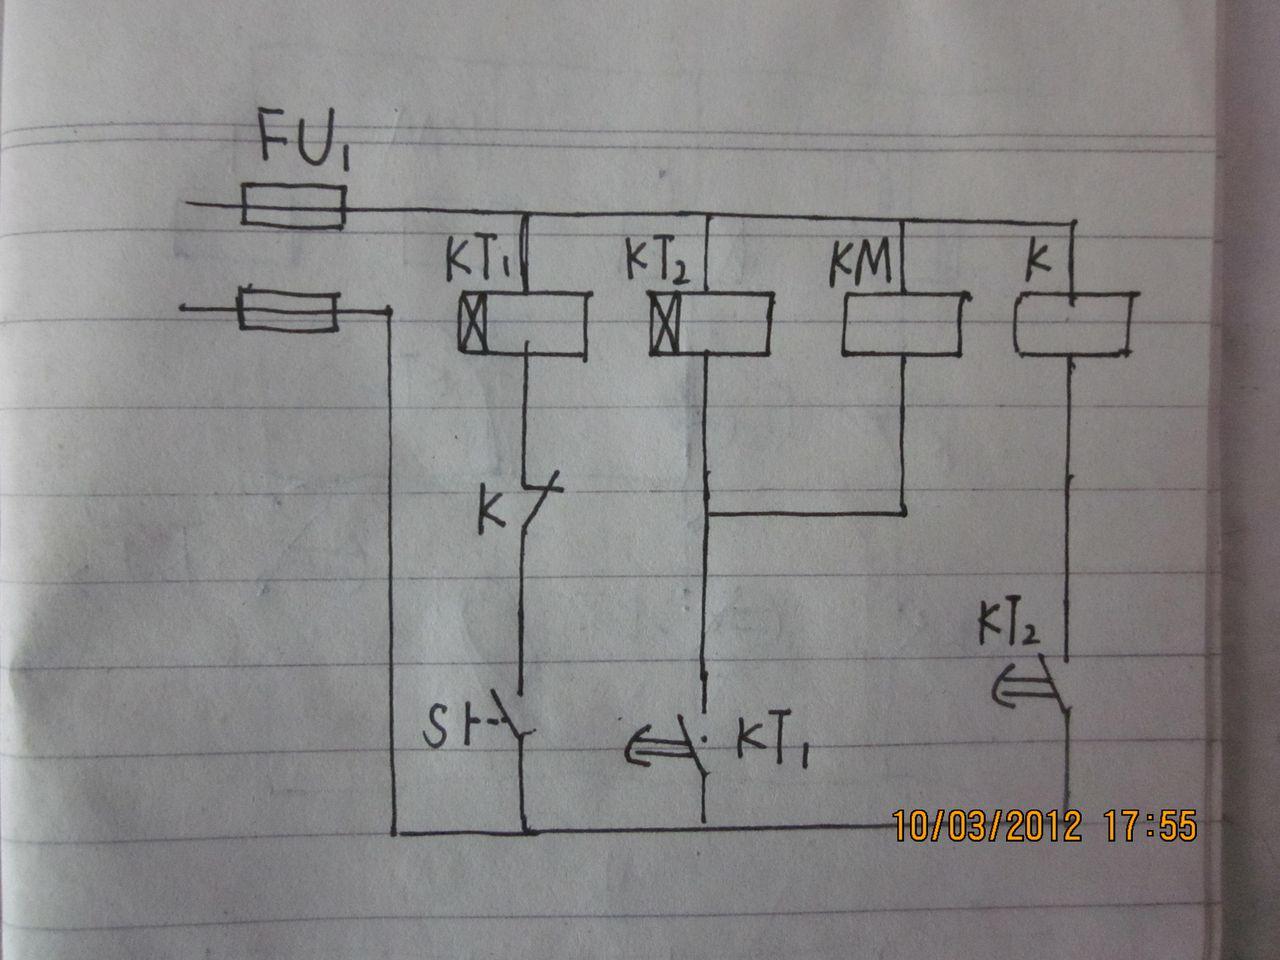 """55:28   最佳答案 追问 图中双延时时间继电器难道可以""""通断循环延时"""